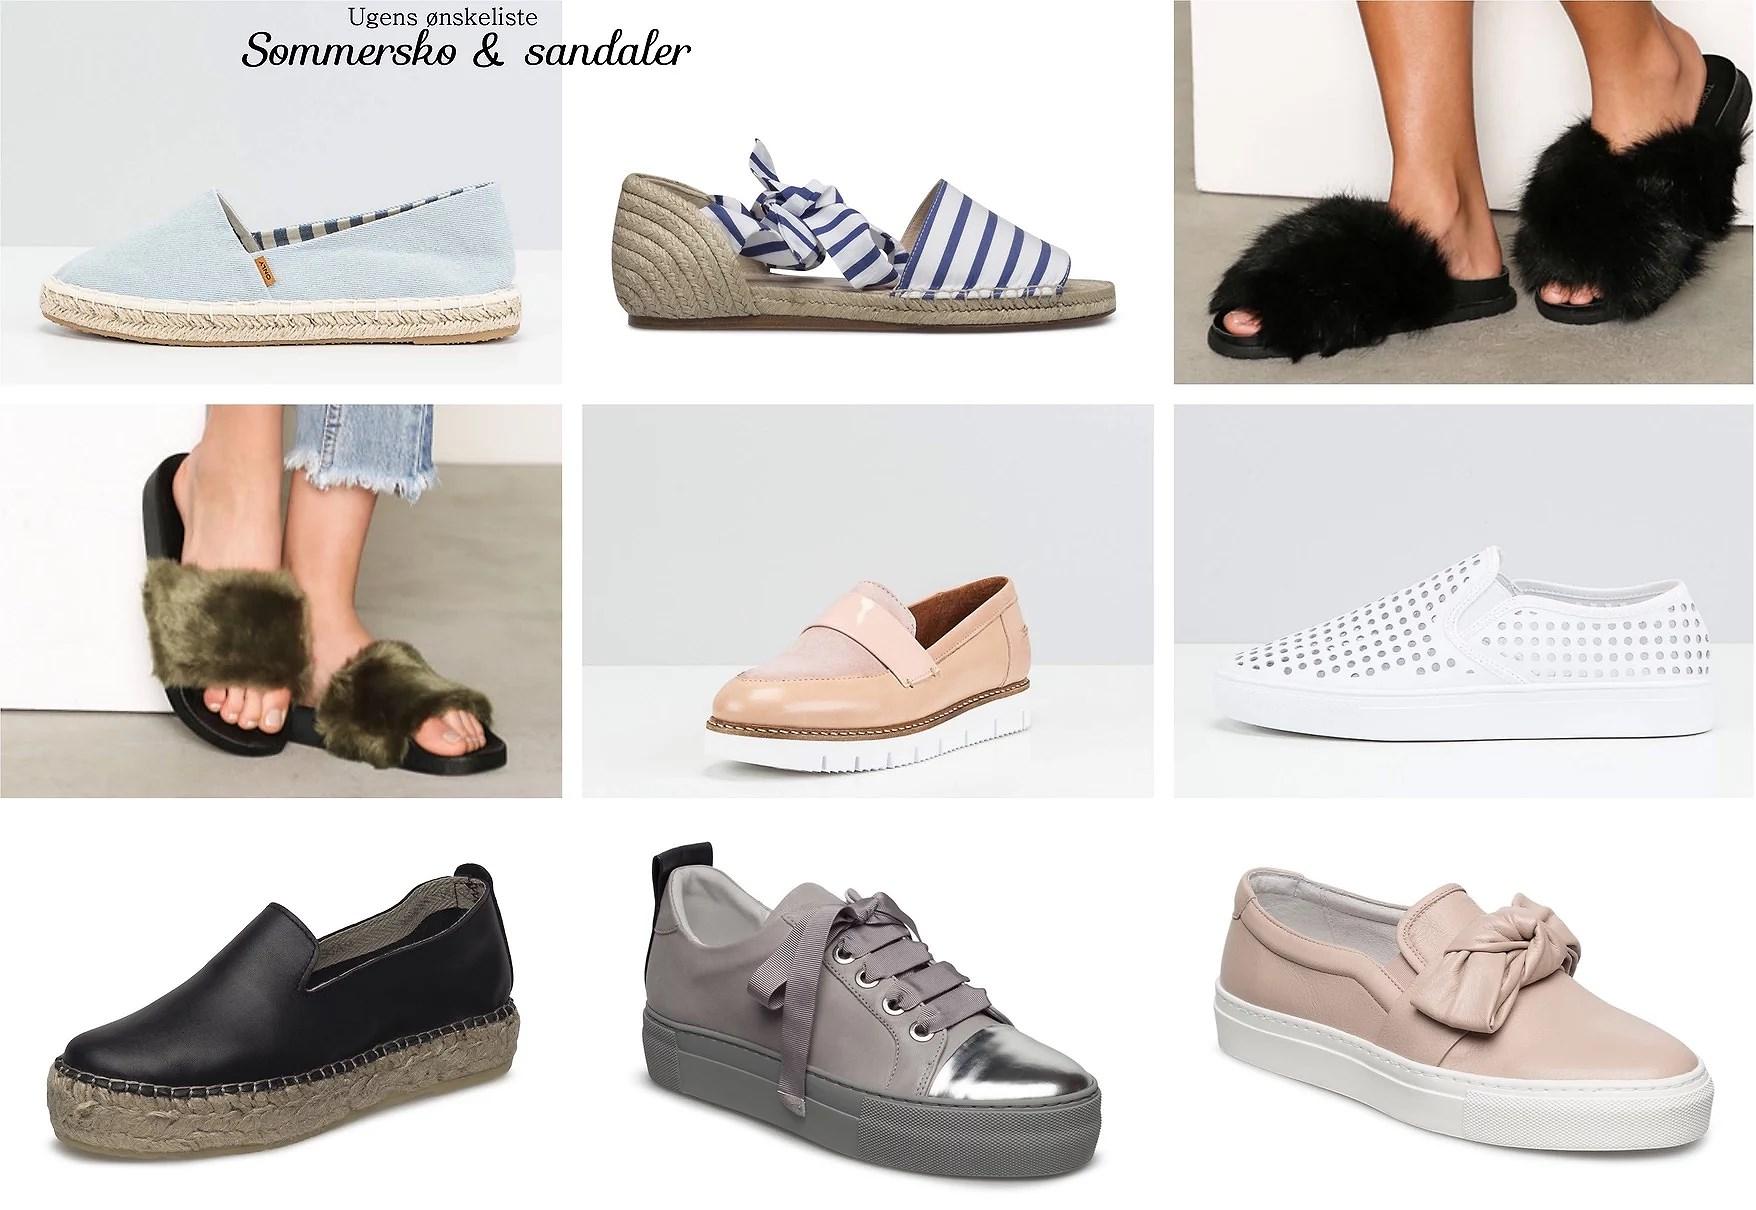 UGENS ØNSKELISTE // Sommersko & sandaler